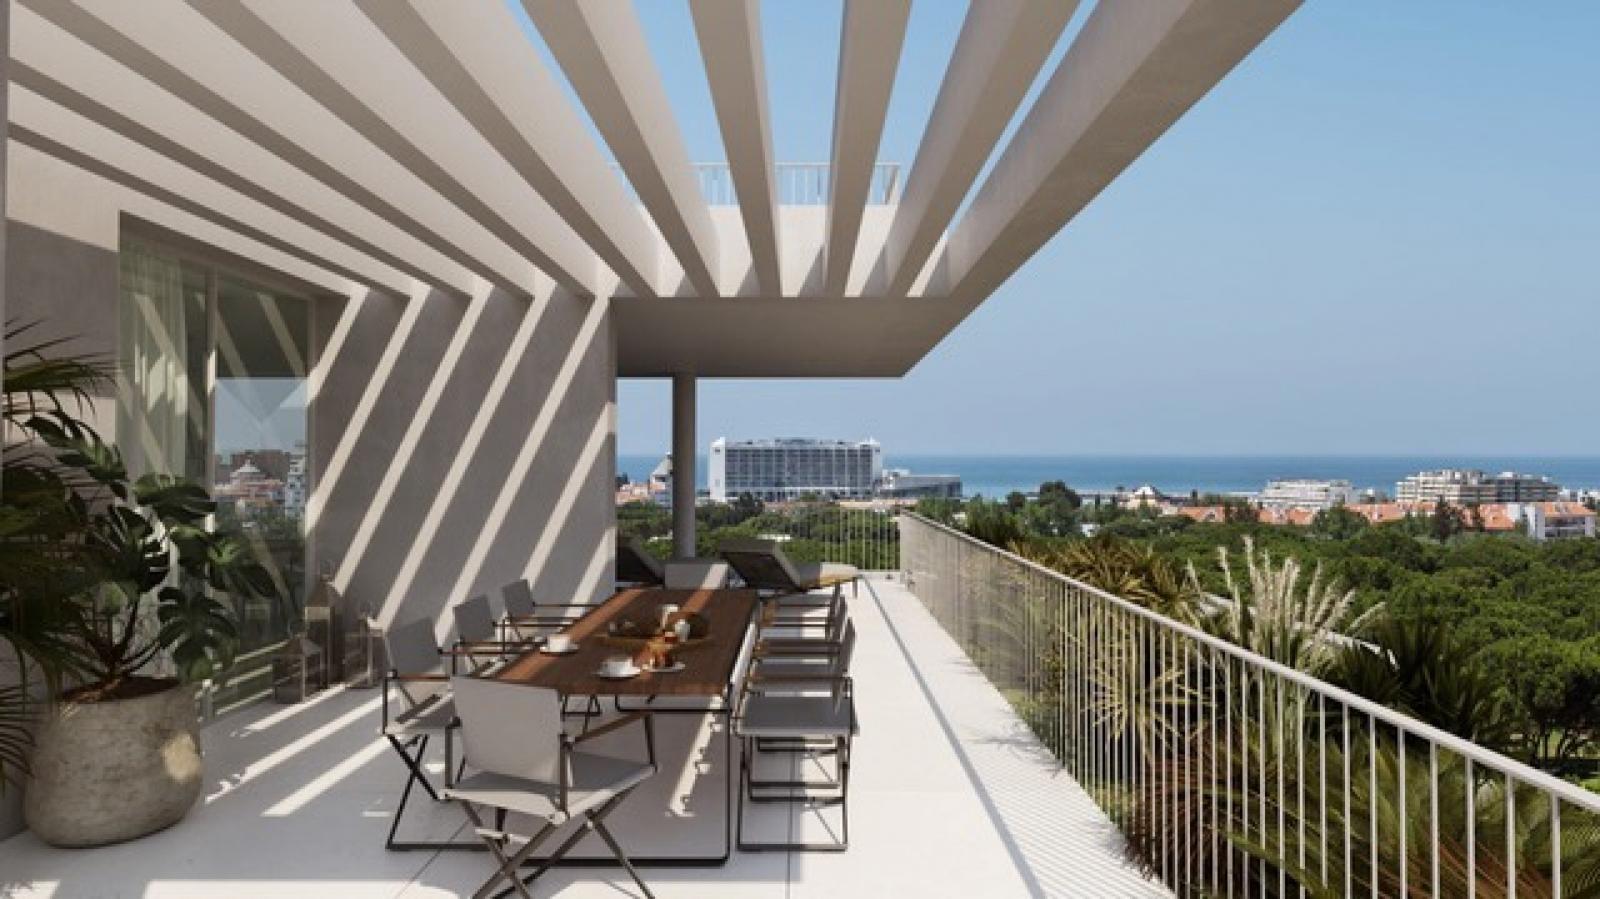 apartamento-de-2-dormitorios-con-vistas-al-mar-y-piscina-vilamoura-algarve